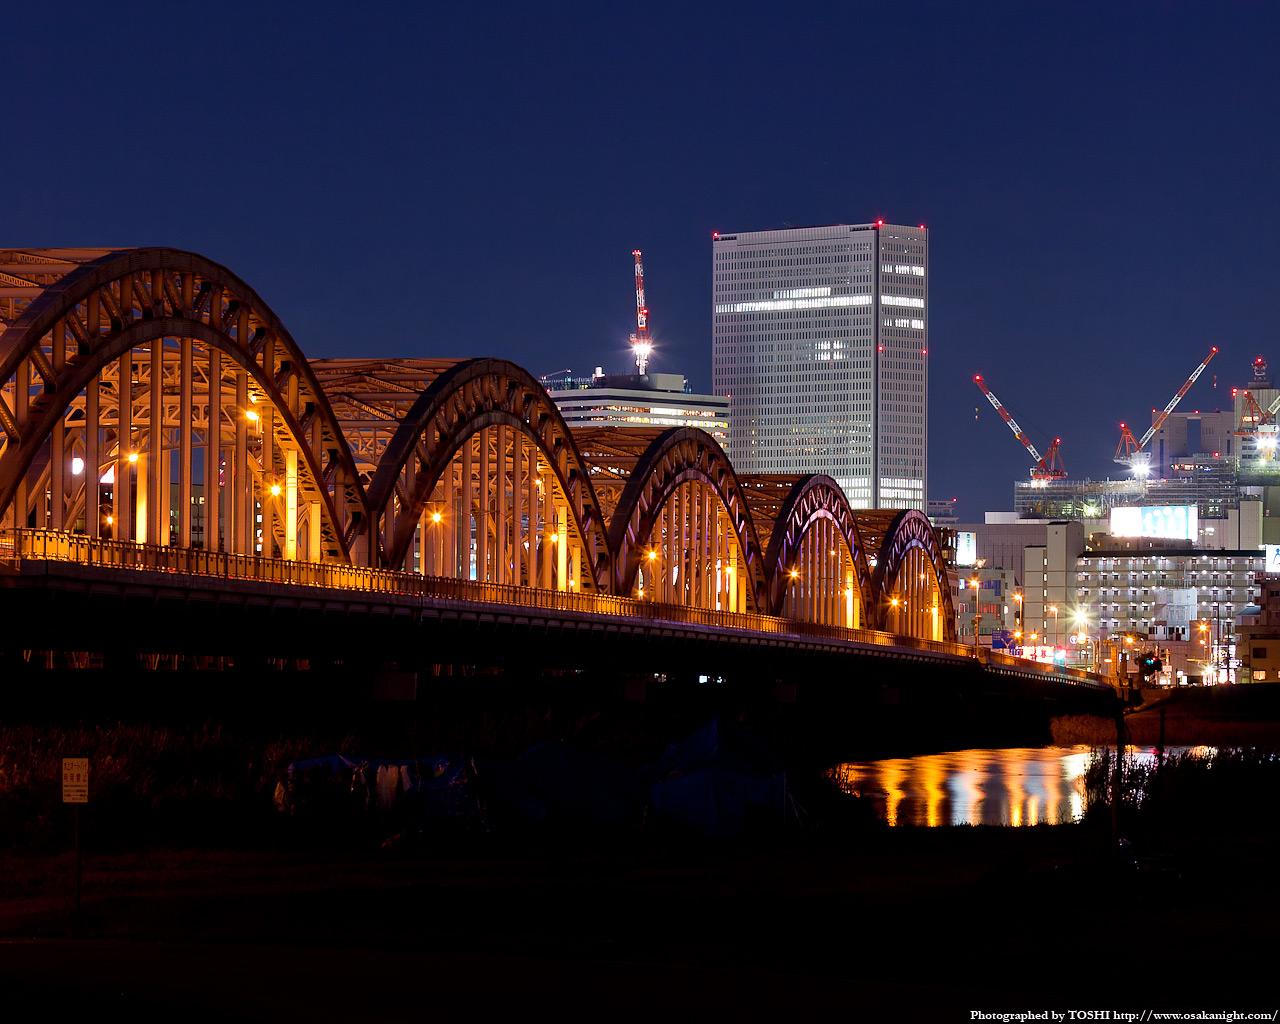 十三大橋のライトアップ夜景2